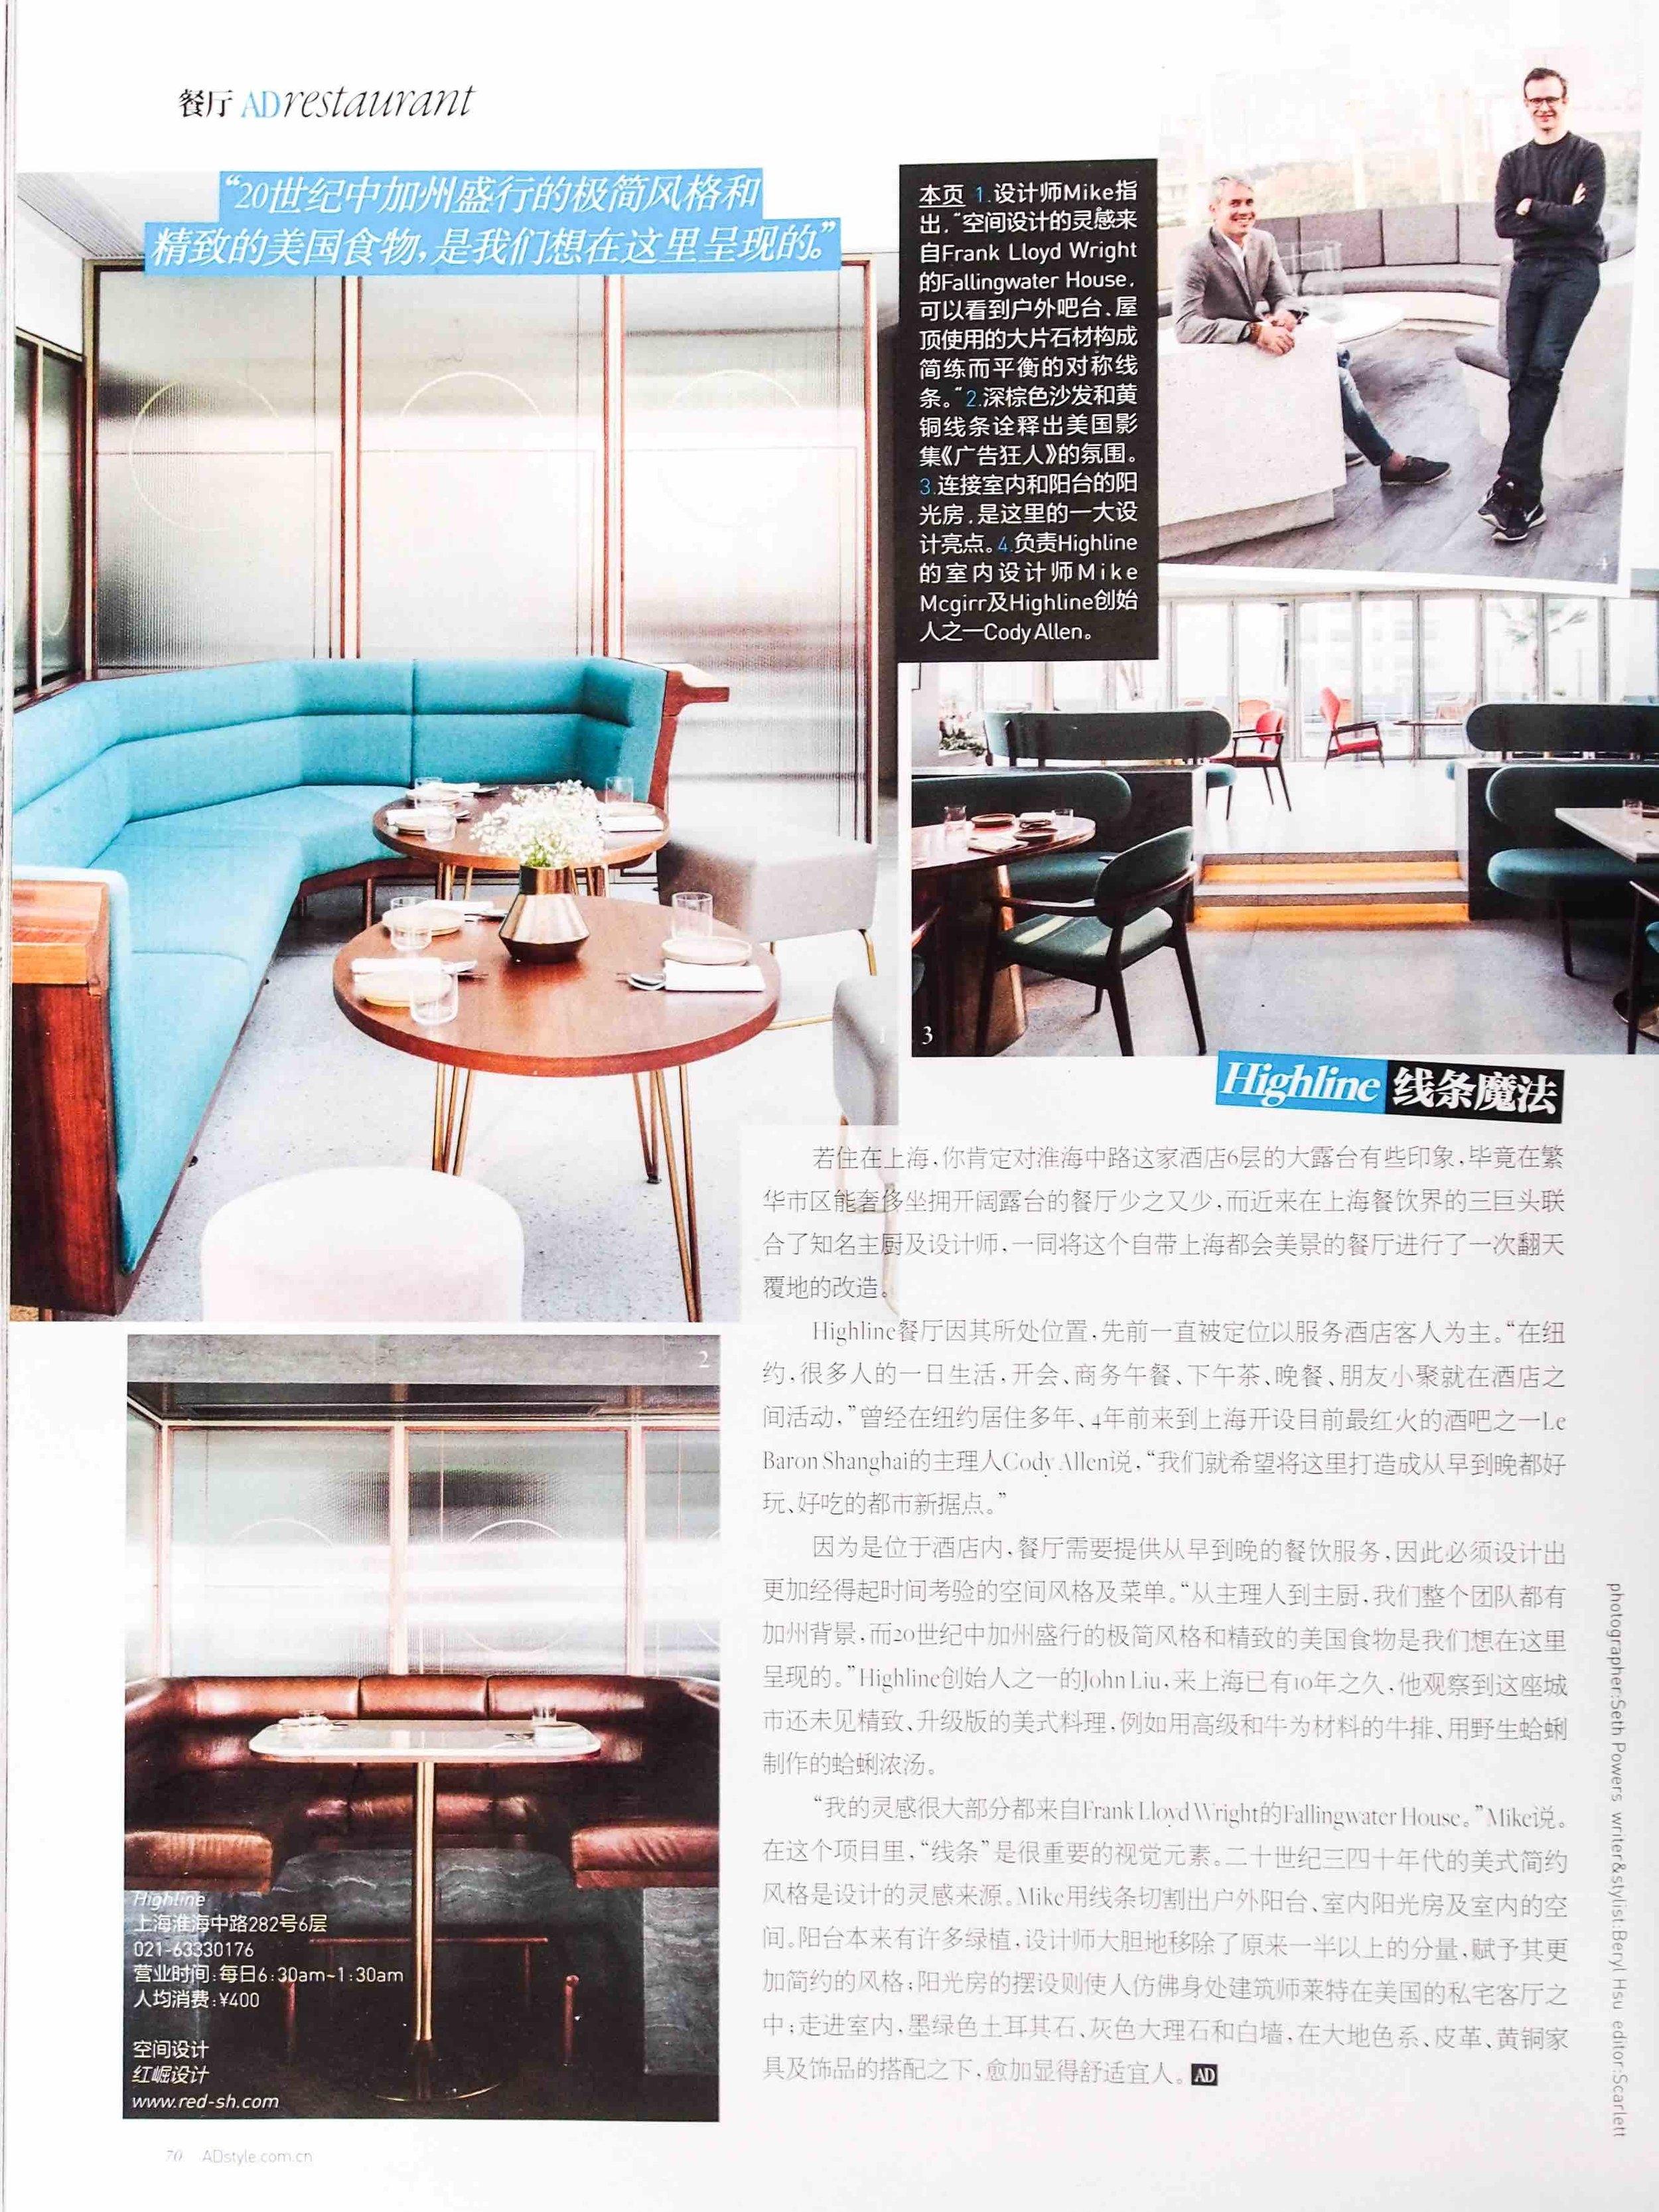 Architectural Digest | April 2017 - Highline | Red Design